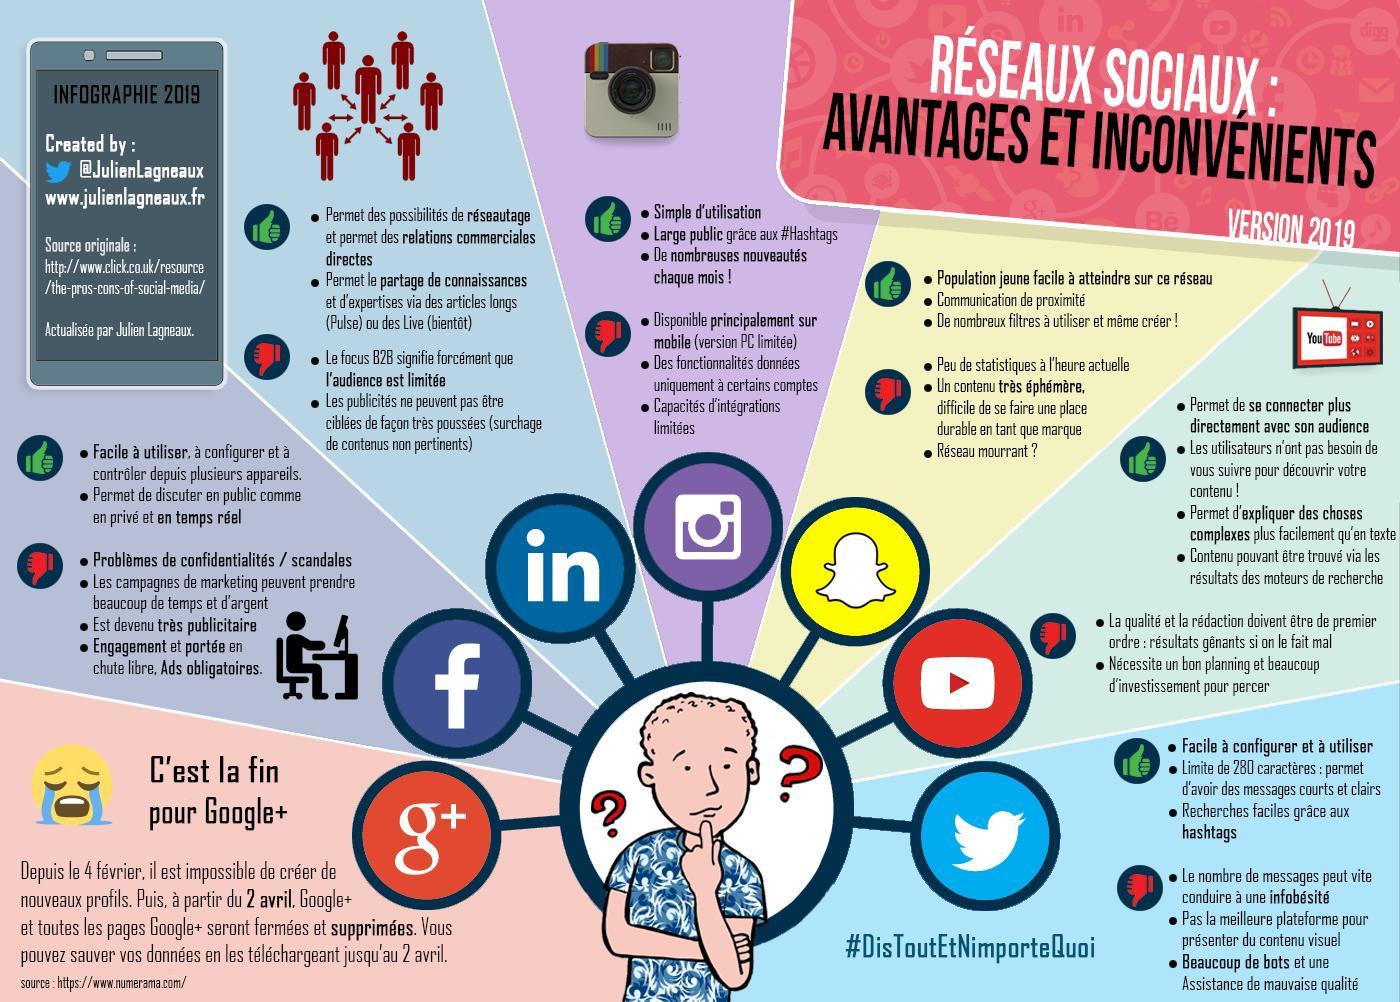 Avantages et inconvénients des réseaux sociaux